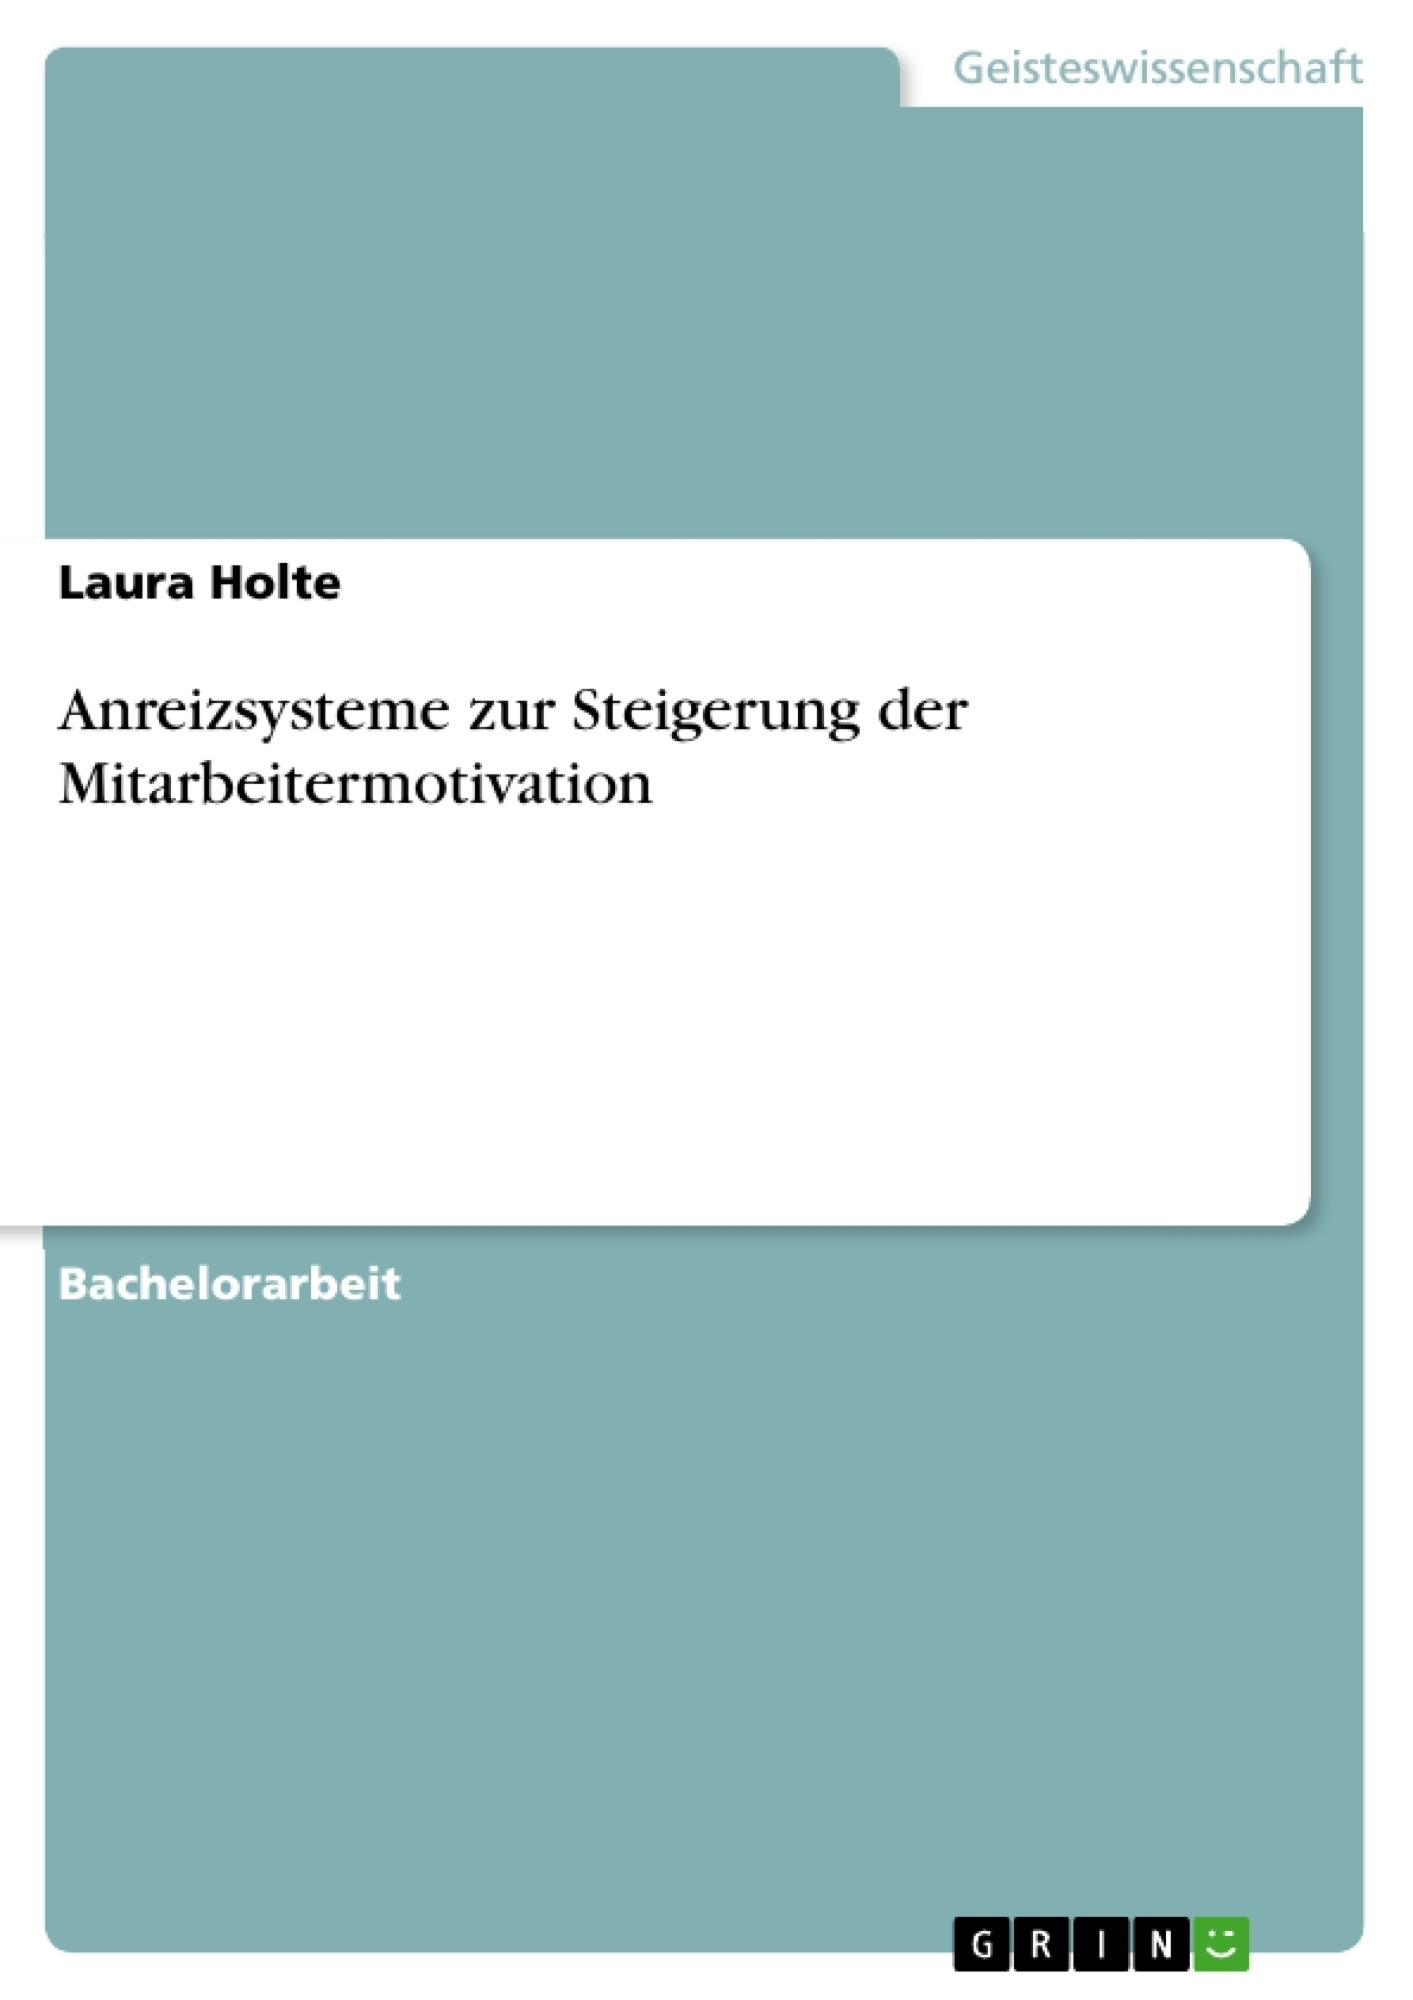 Titel: Anreizsysteme zur Steigerung der Mitarbeitermotivation